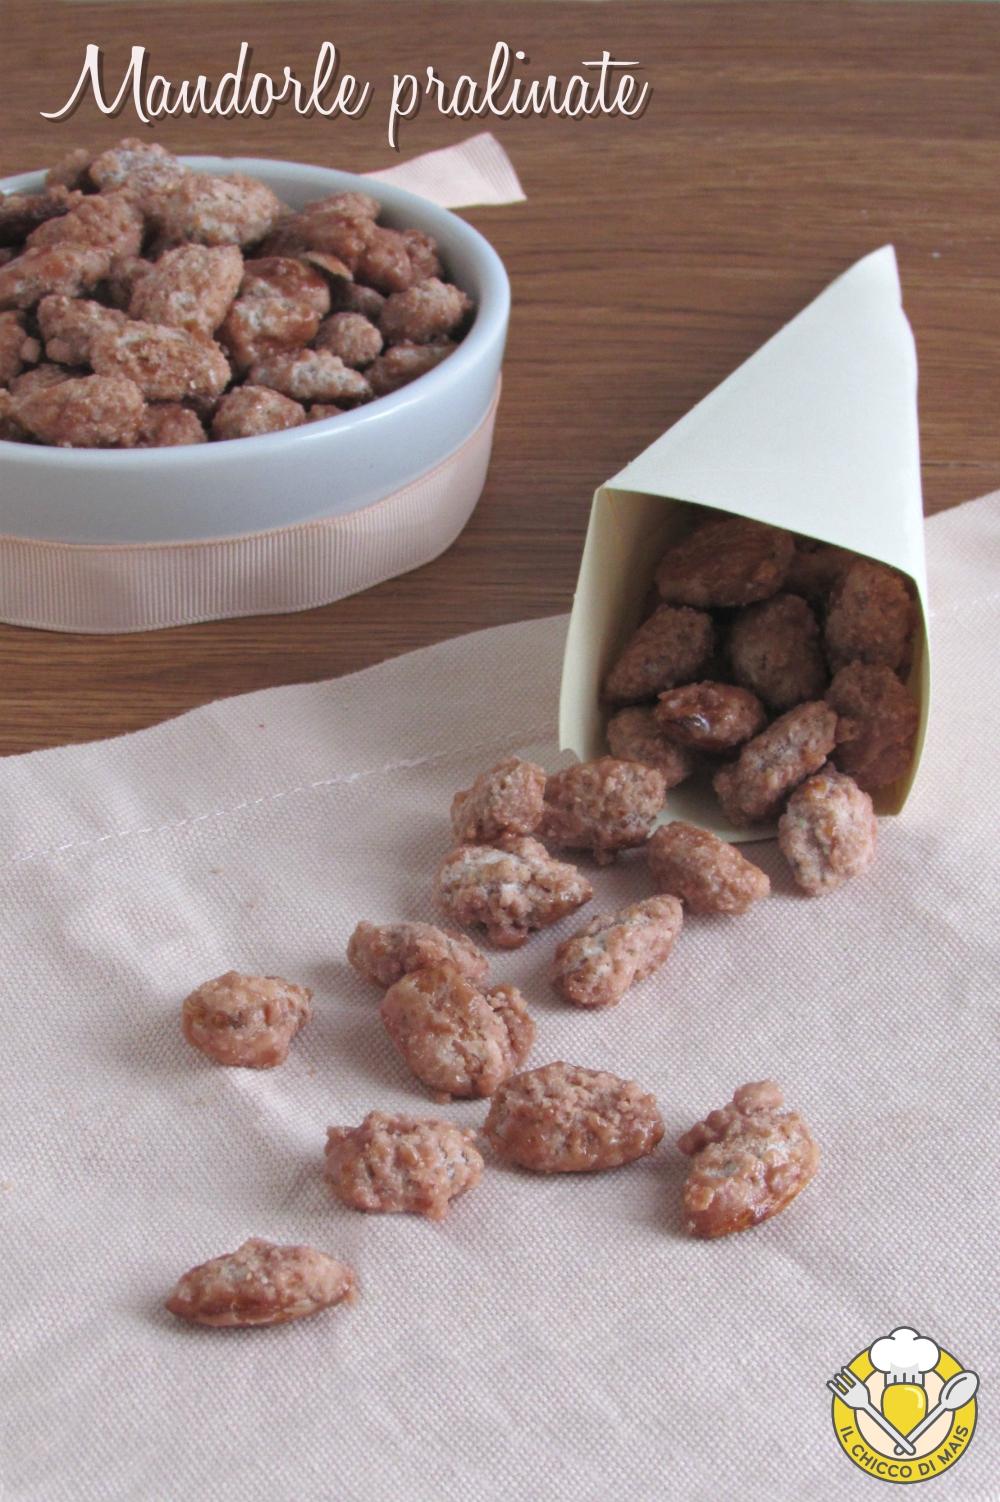 v_ mandorle pralinate addormentasuocere ricetta con video mandorle allo zucchero frutta secca caramellata il chicco di mais